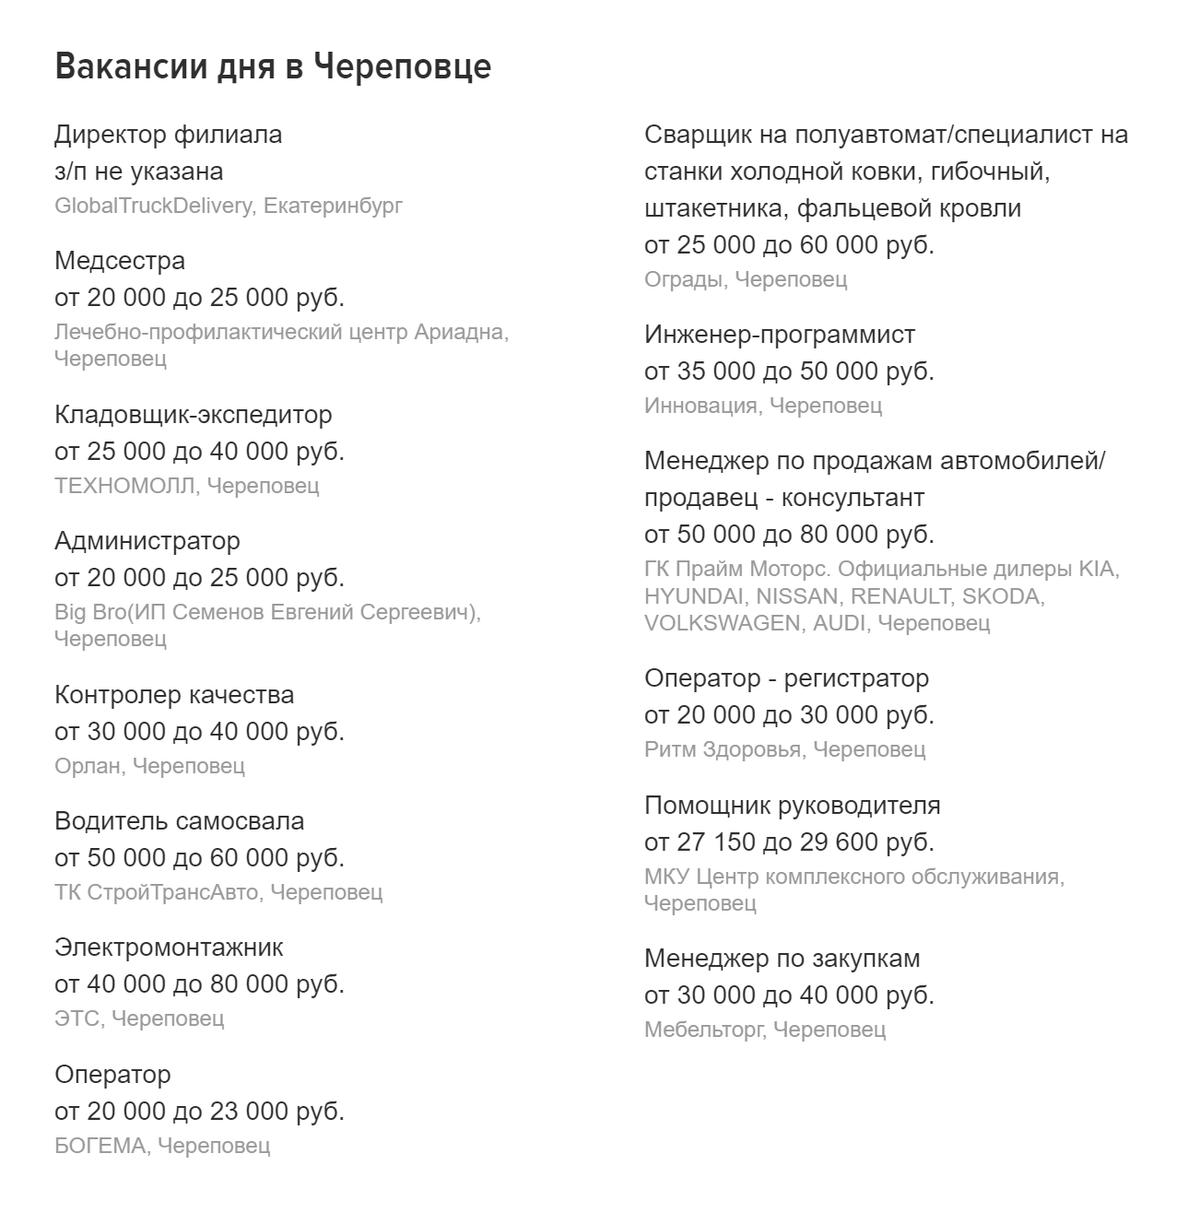 Самые популярные вакансии в Череповце на сайте «Хедхантер»